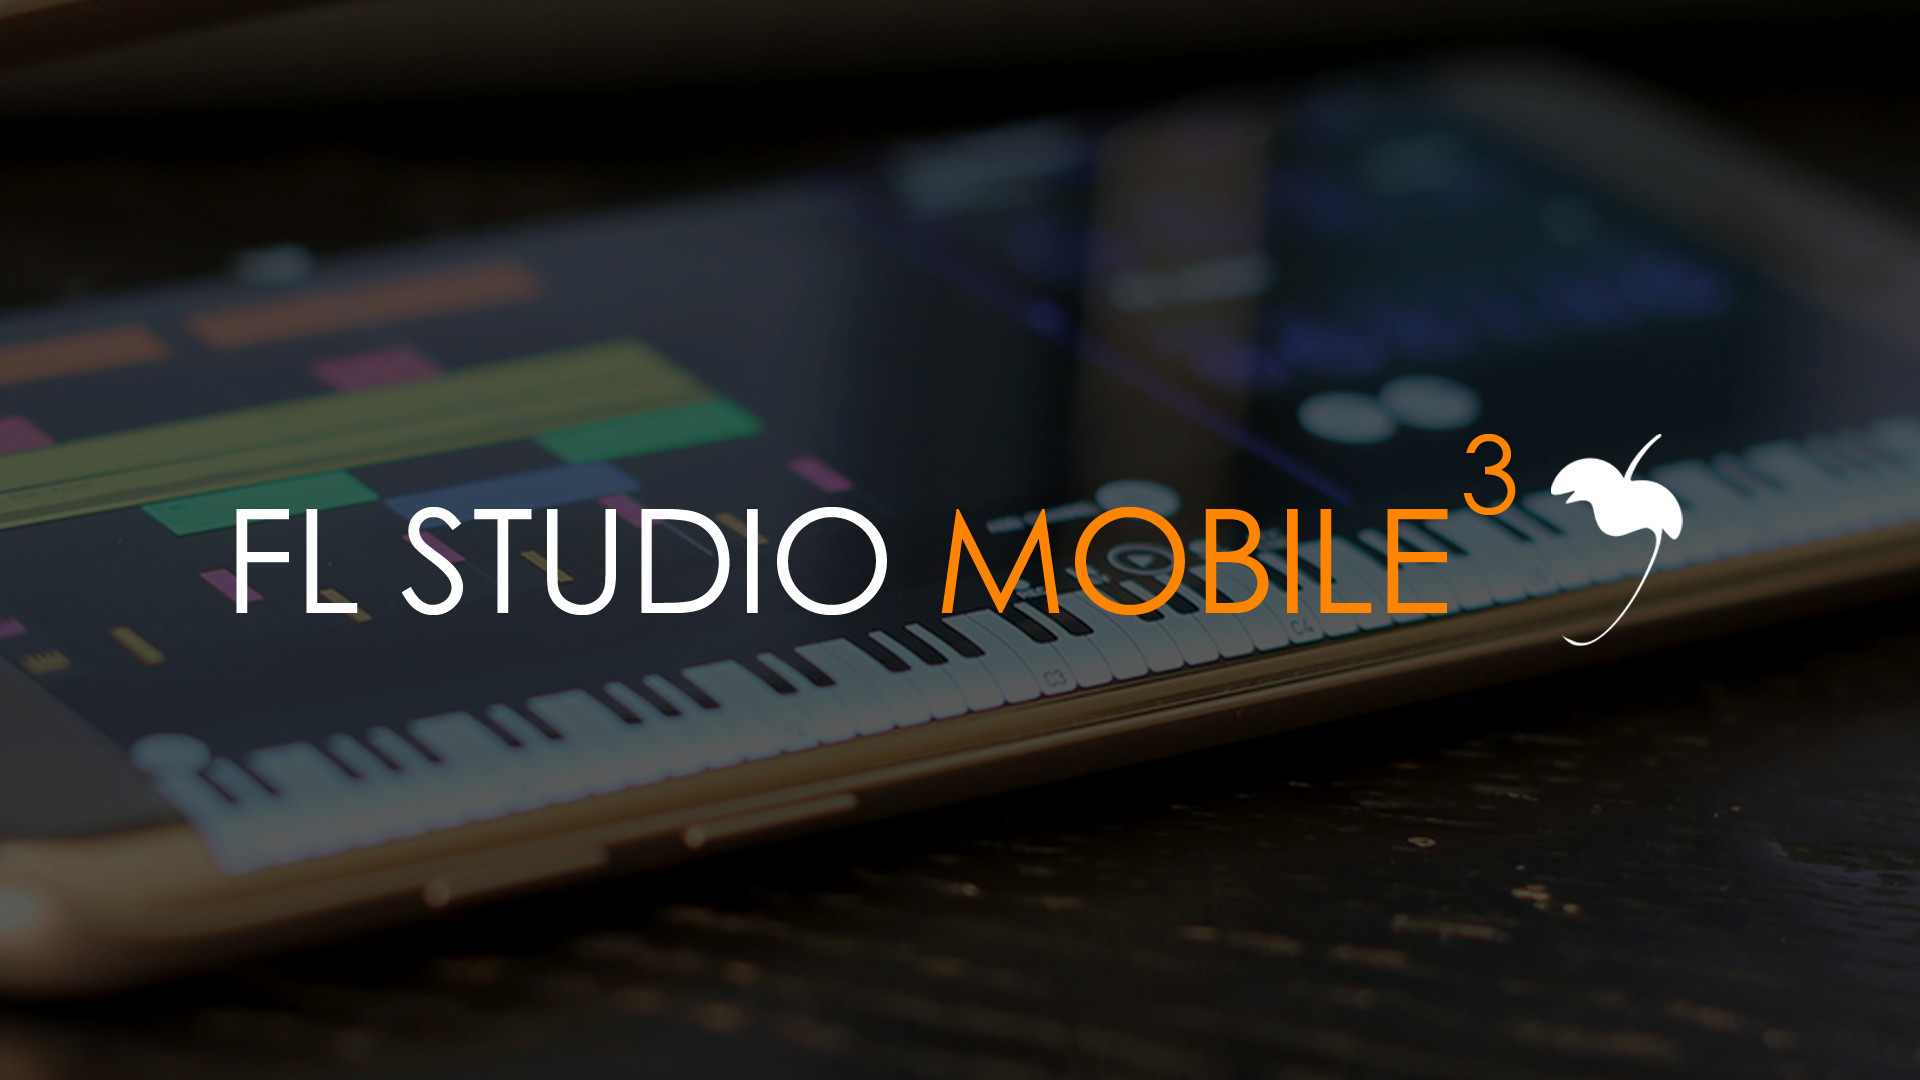 how to download fl studio 12.5 update